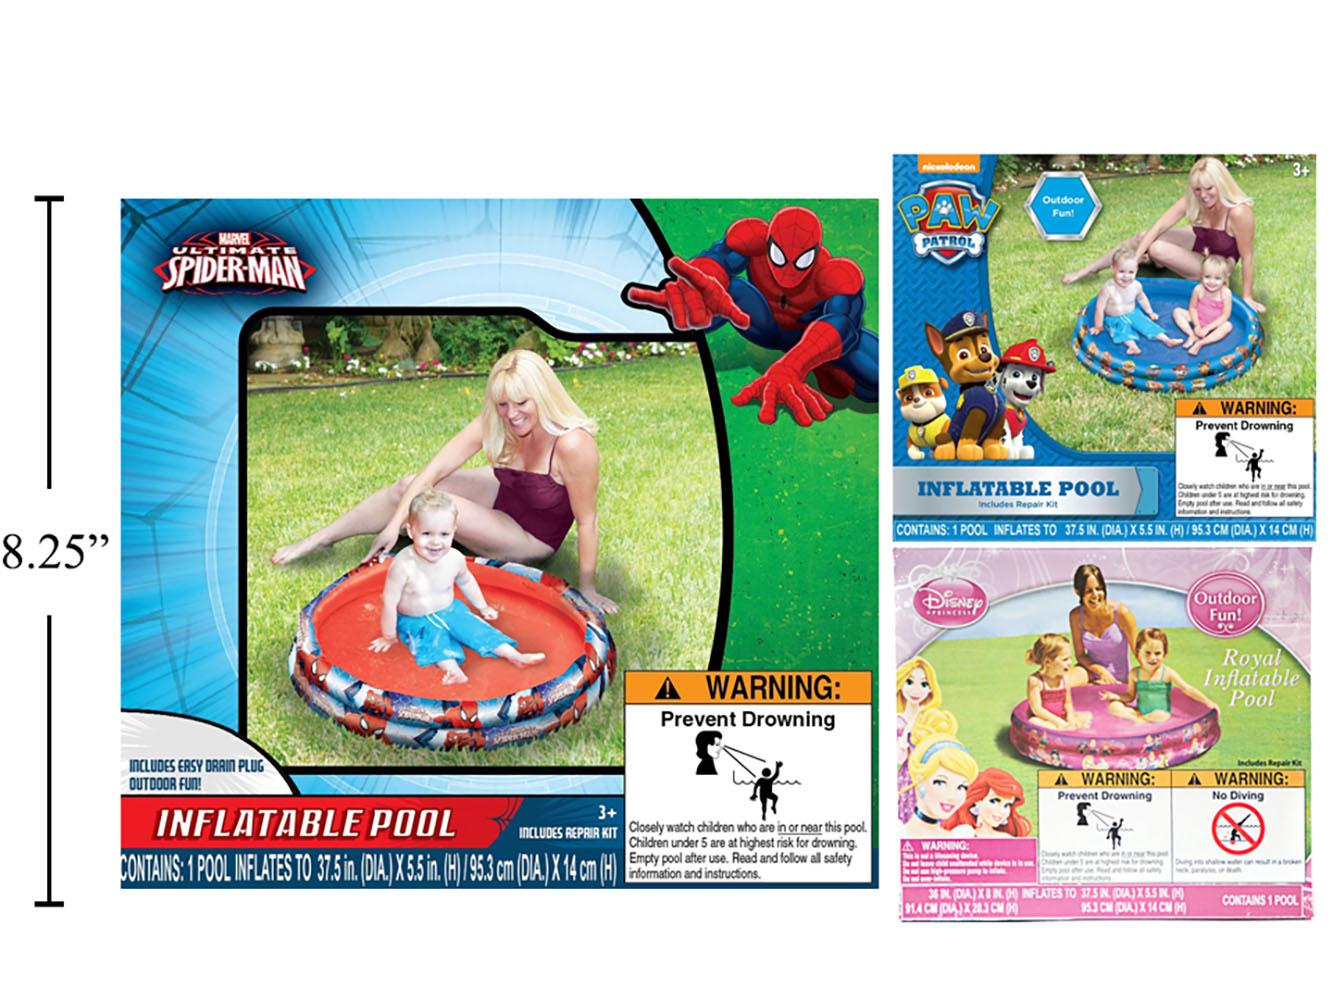 Piscine gonflable assorties club jouet achat de jeux et for Piscine playmobil jouet club